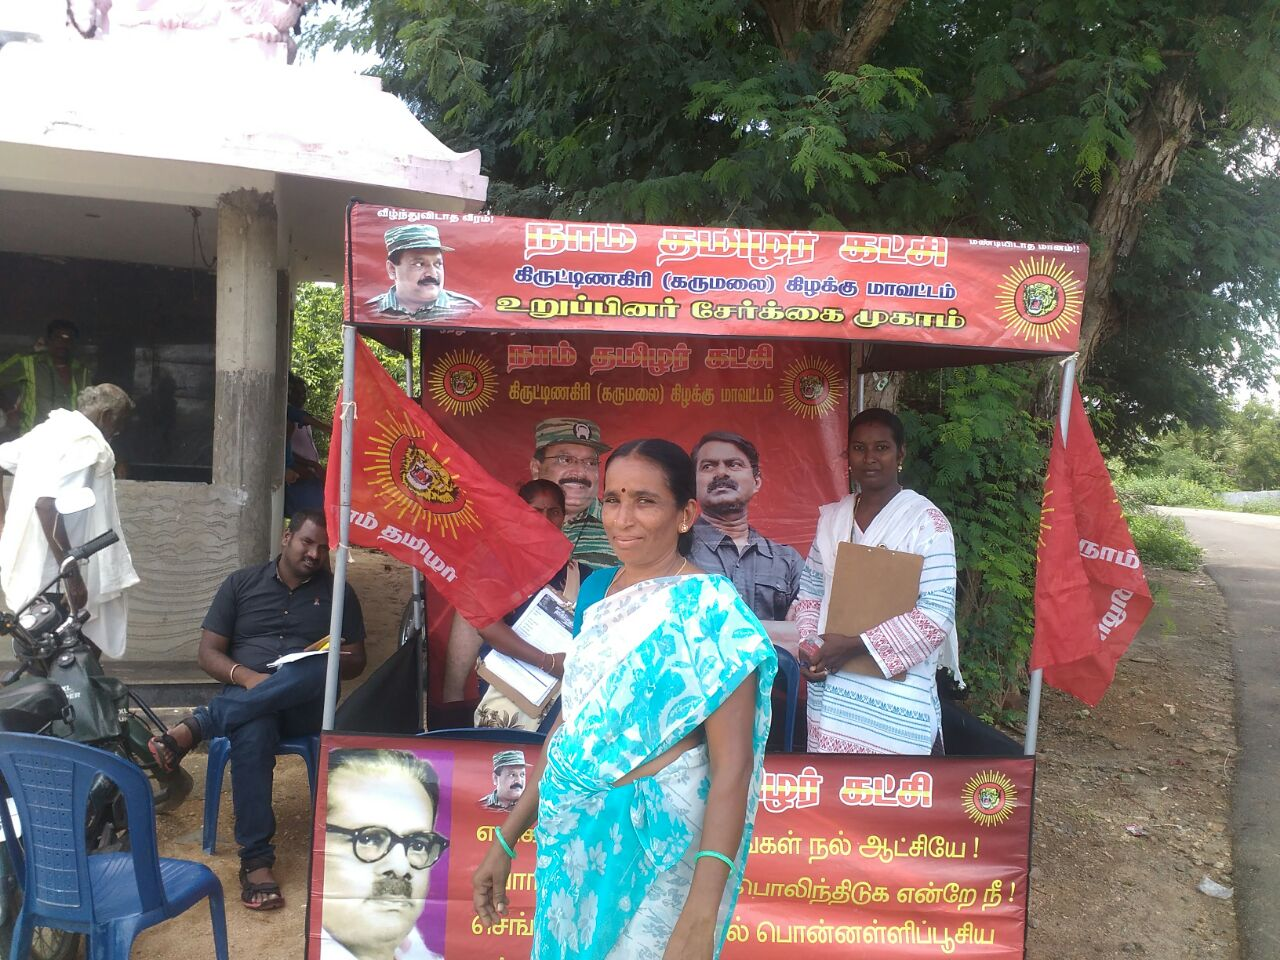 பர்கூர் தொகுதி ஜீஞ்சம்பட்டி குட்டூர் பகுதியில் உறுப்பினர் சேர்க்கை முகாம் kirushnagiri burgur uruppinar serkkai naam tamilar katchi 4